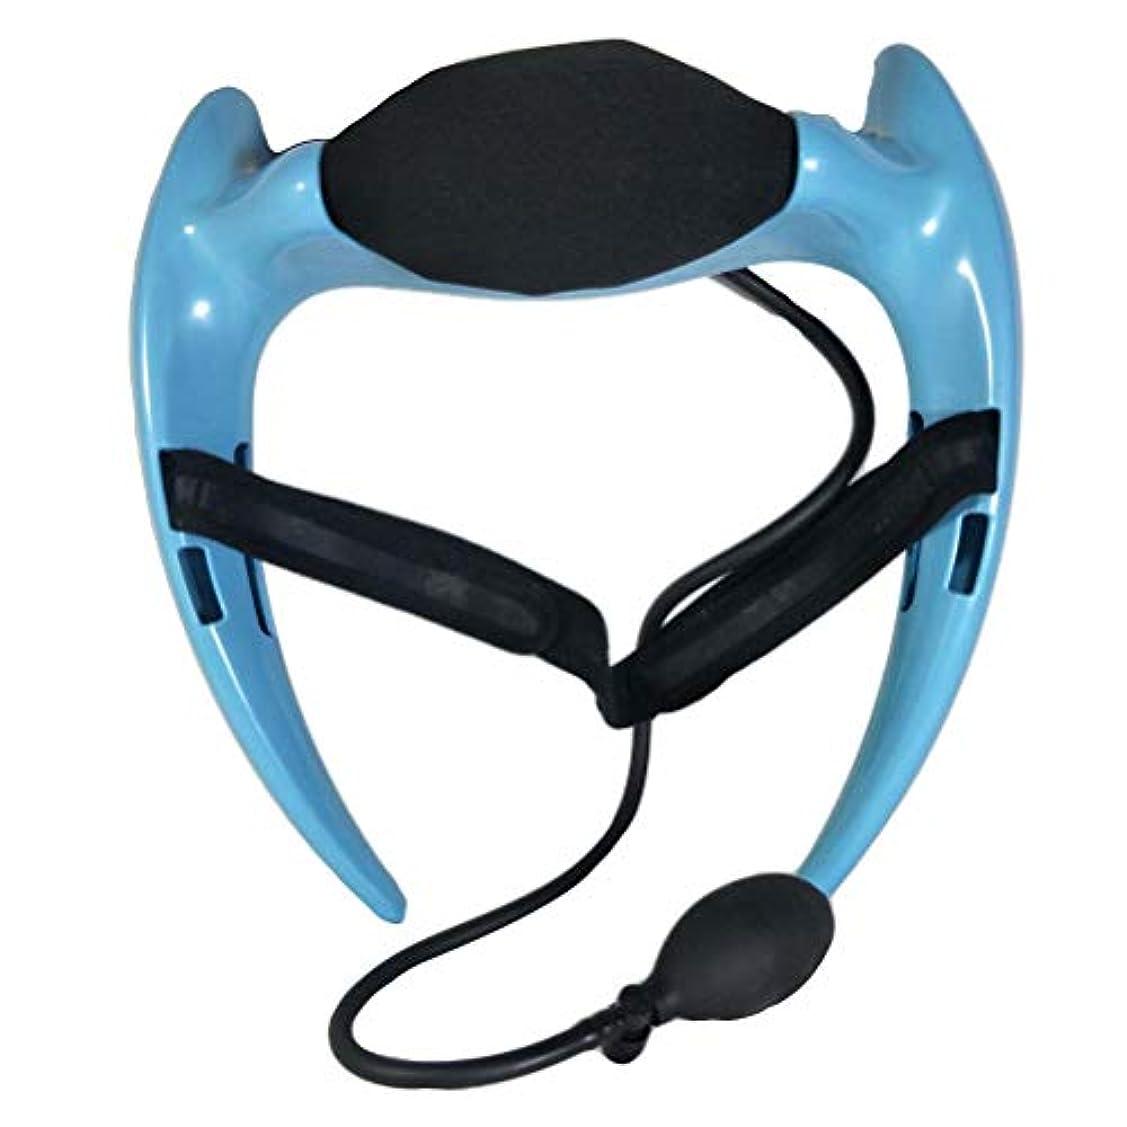 消す味わうためらうHealifty 首のけん引力調節可能な通気性の首サポートブレースネック首の首の襟首の首の痛みを和らげるリハビリ傷害回復(ブルー)